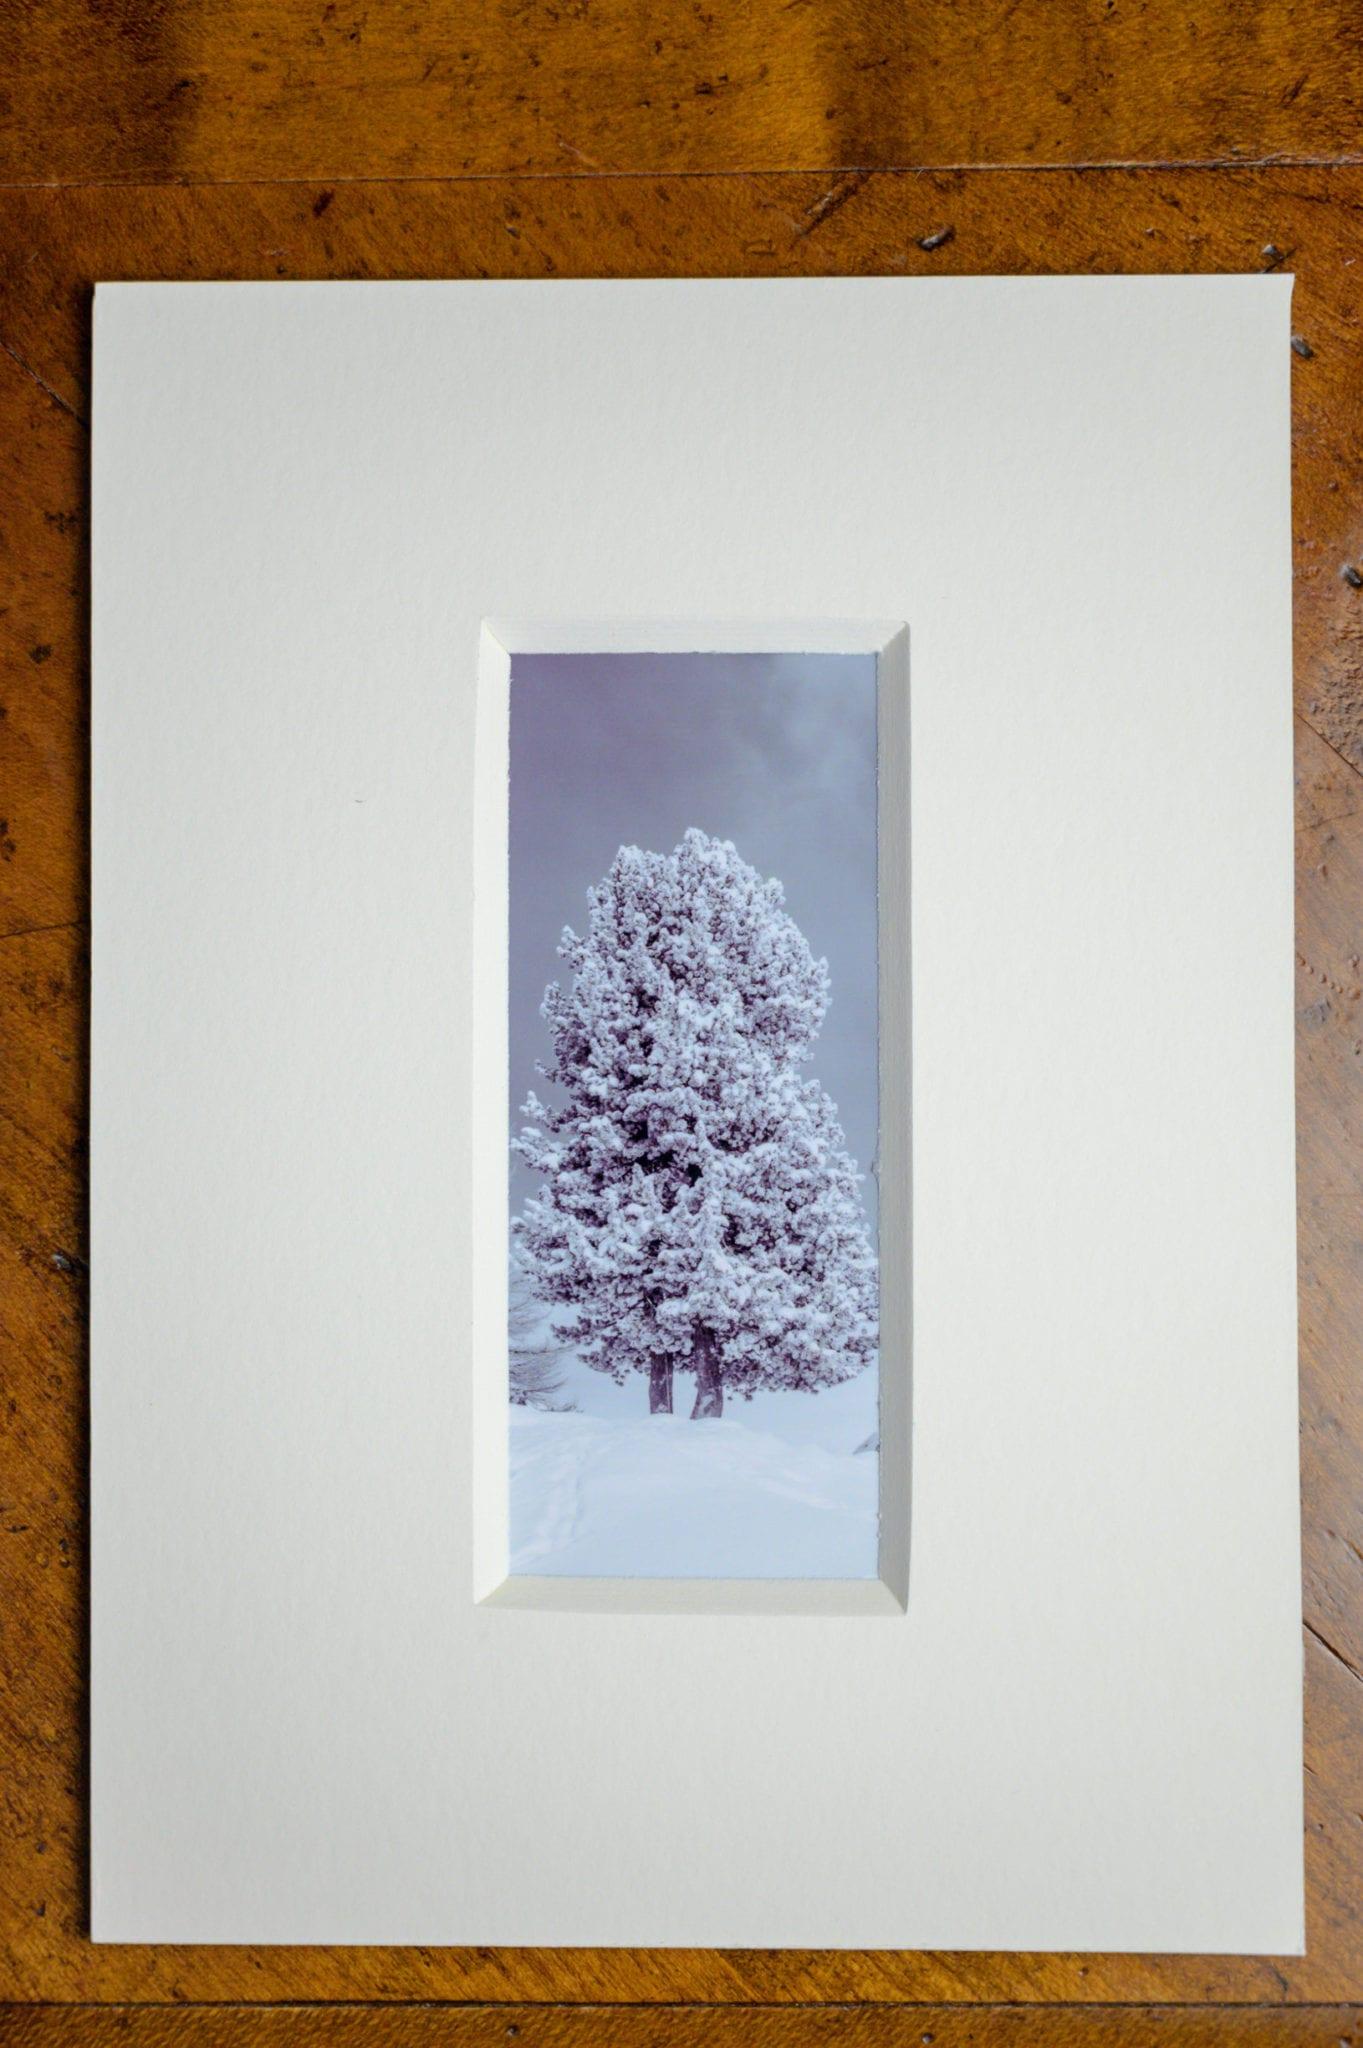 Roland Photography - Baum im Schnee